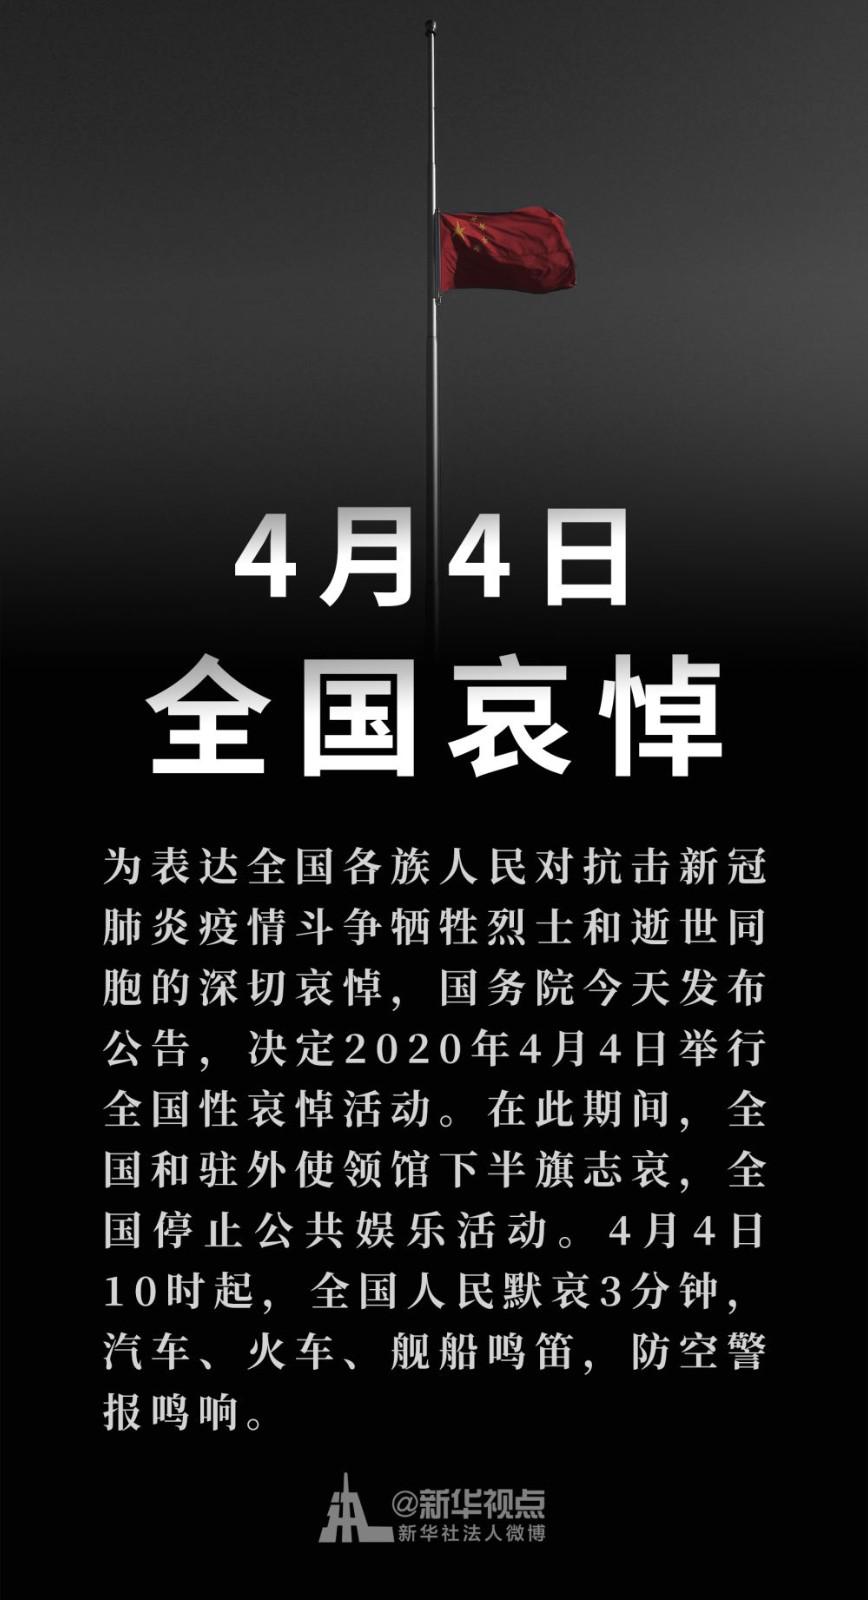 中国国务院公告:2020年4月4日举行全国性哀悼活动